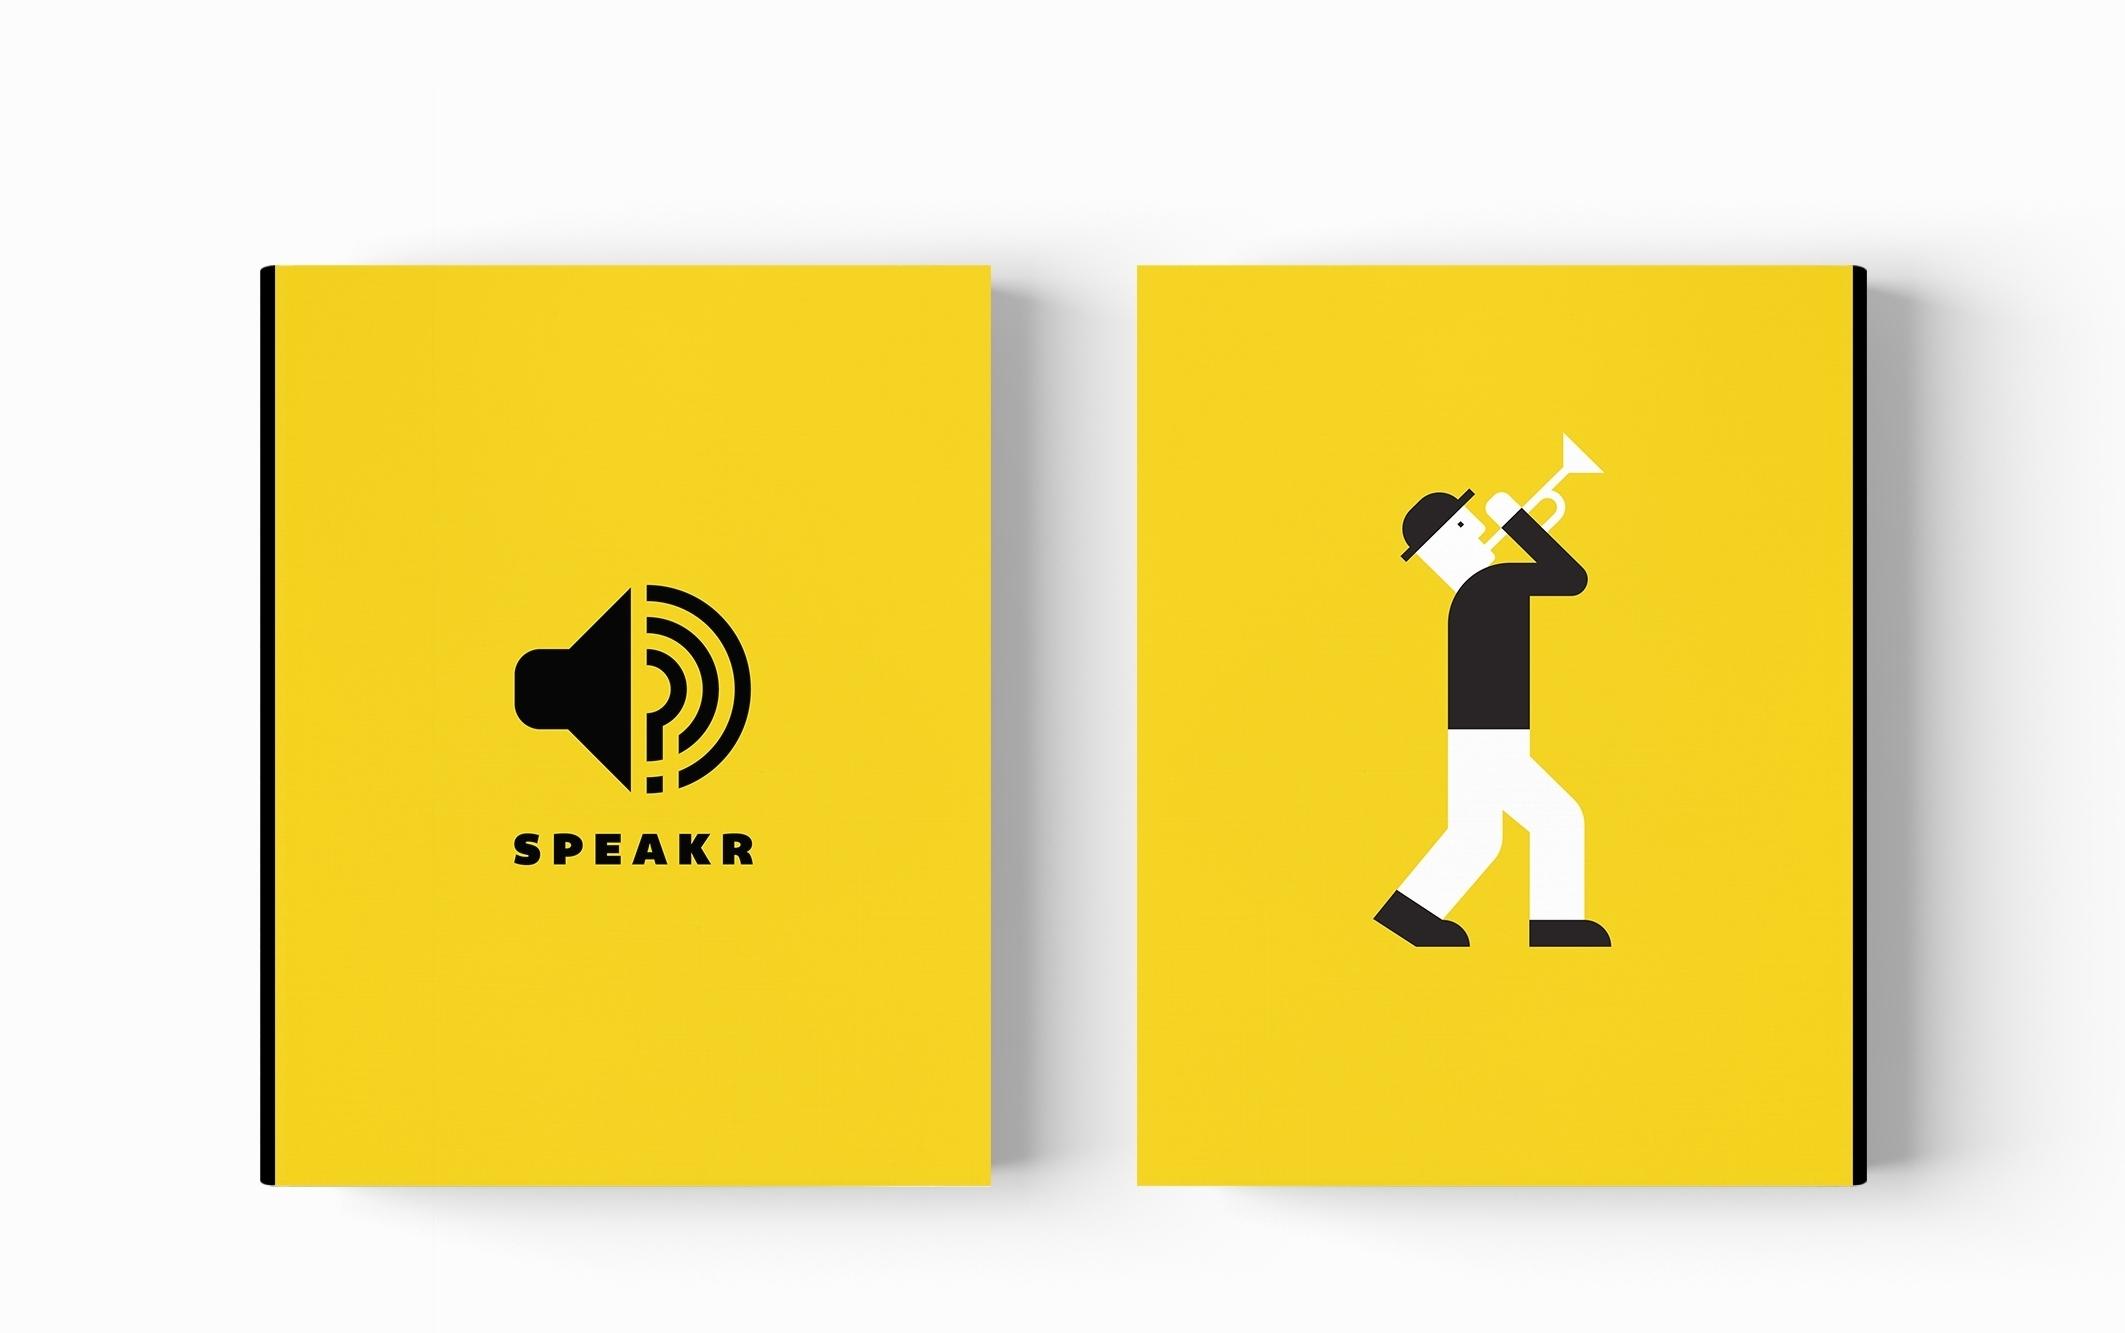 Speakr_book_Cover_Website.jpg